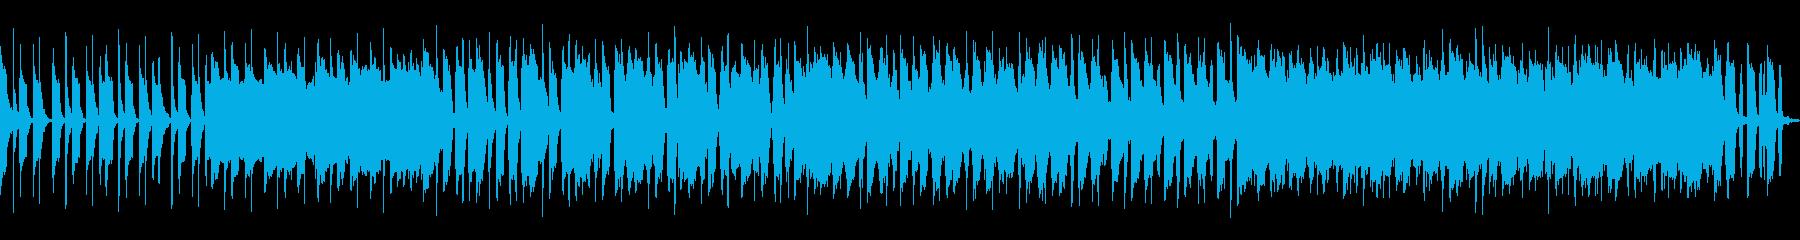 Rock-t.v。現実のインスタン...の再生済みの波形